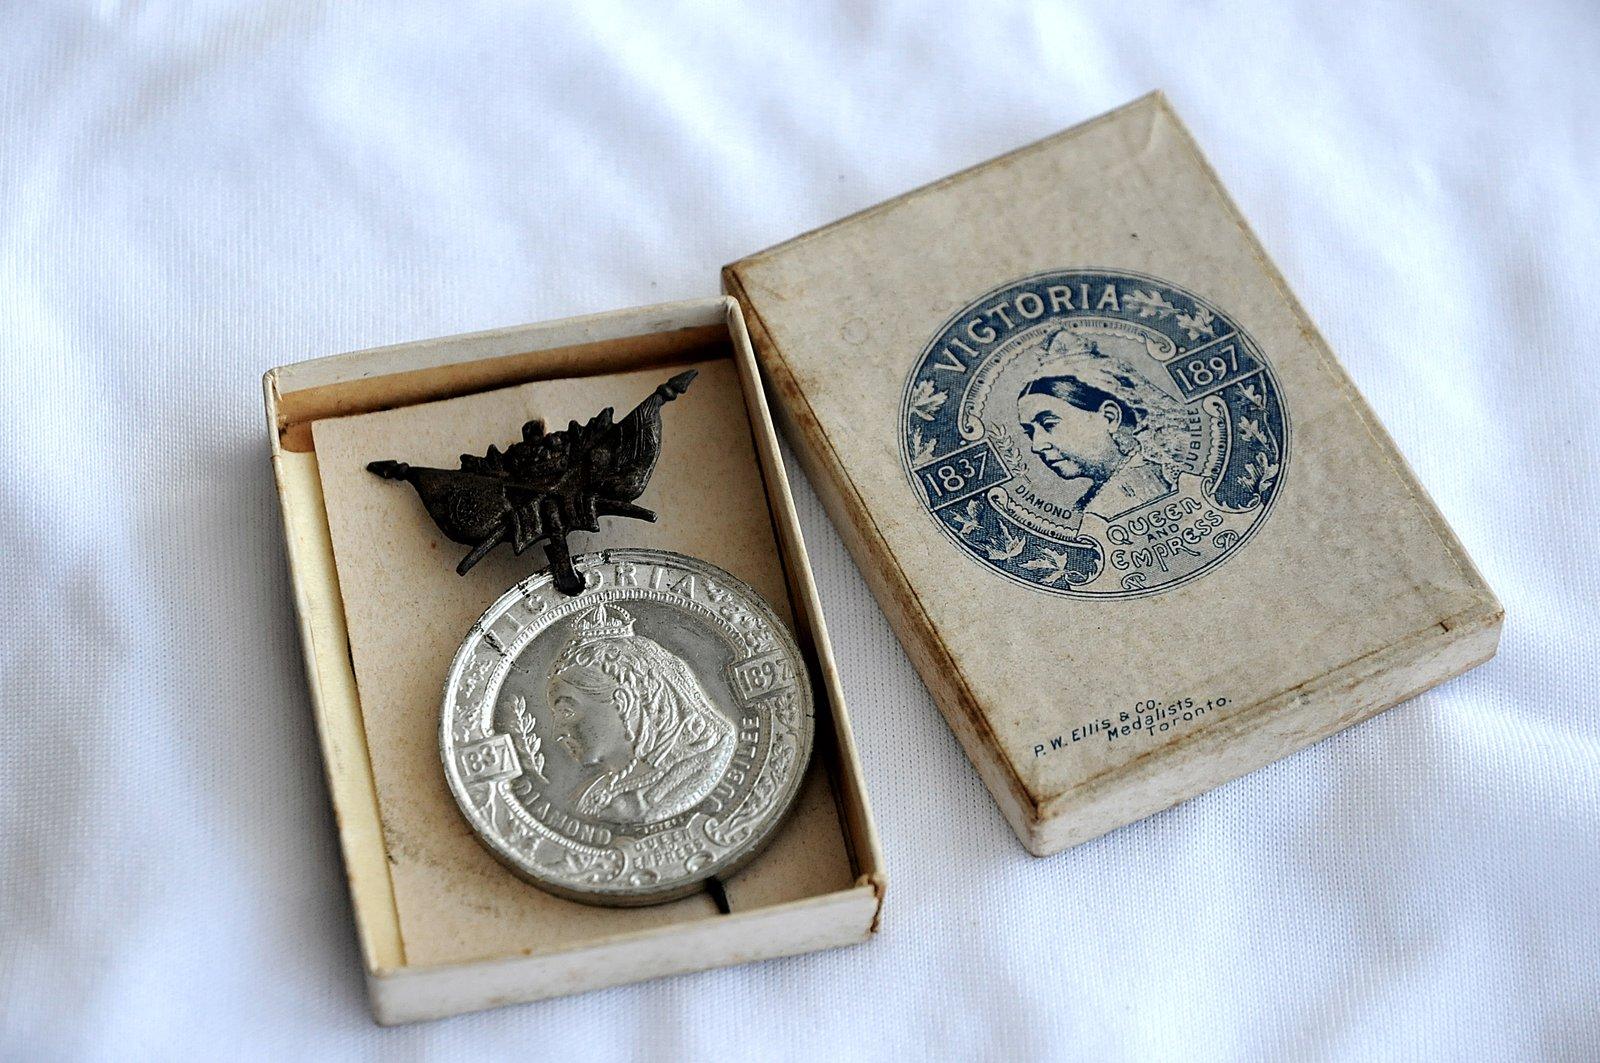 Victoria Diamond Jubilee Medal, 1837-1897